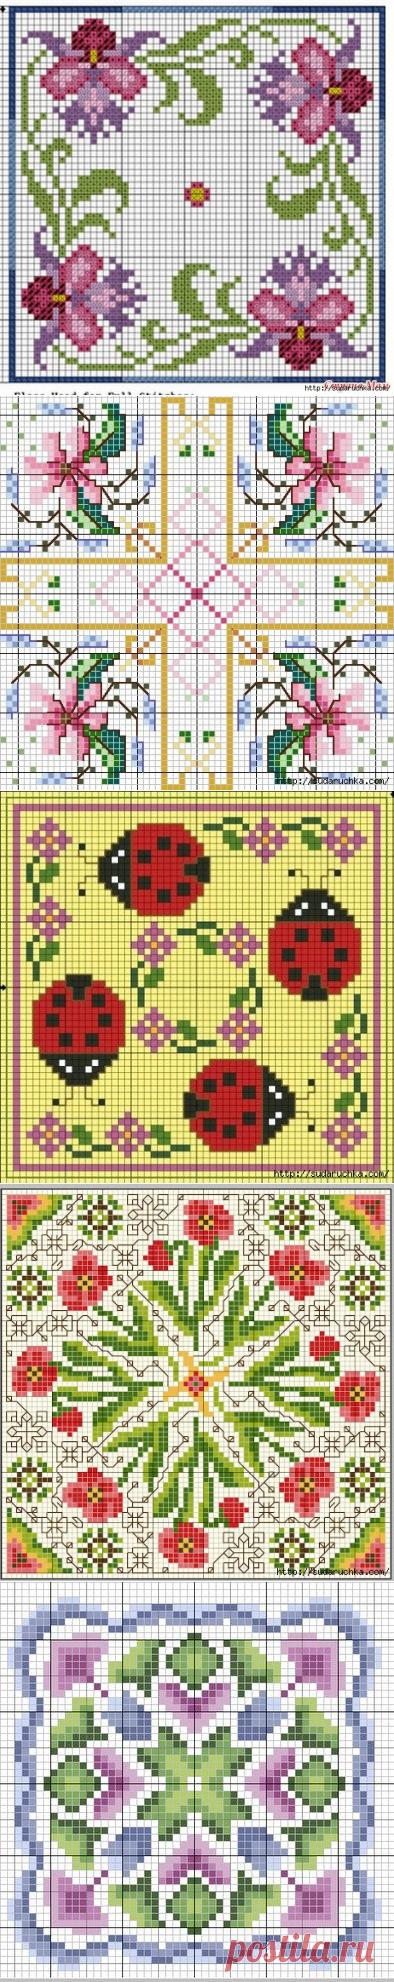 Бискорню - схемы для вышивки крестом.